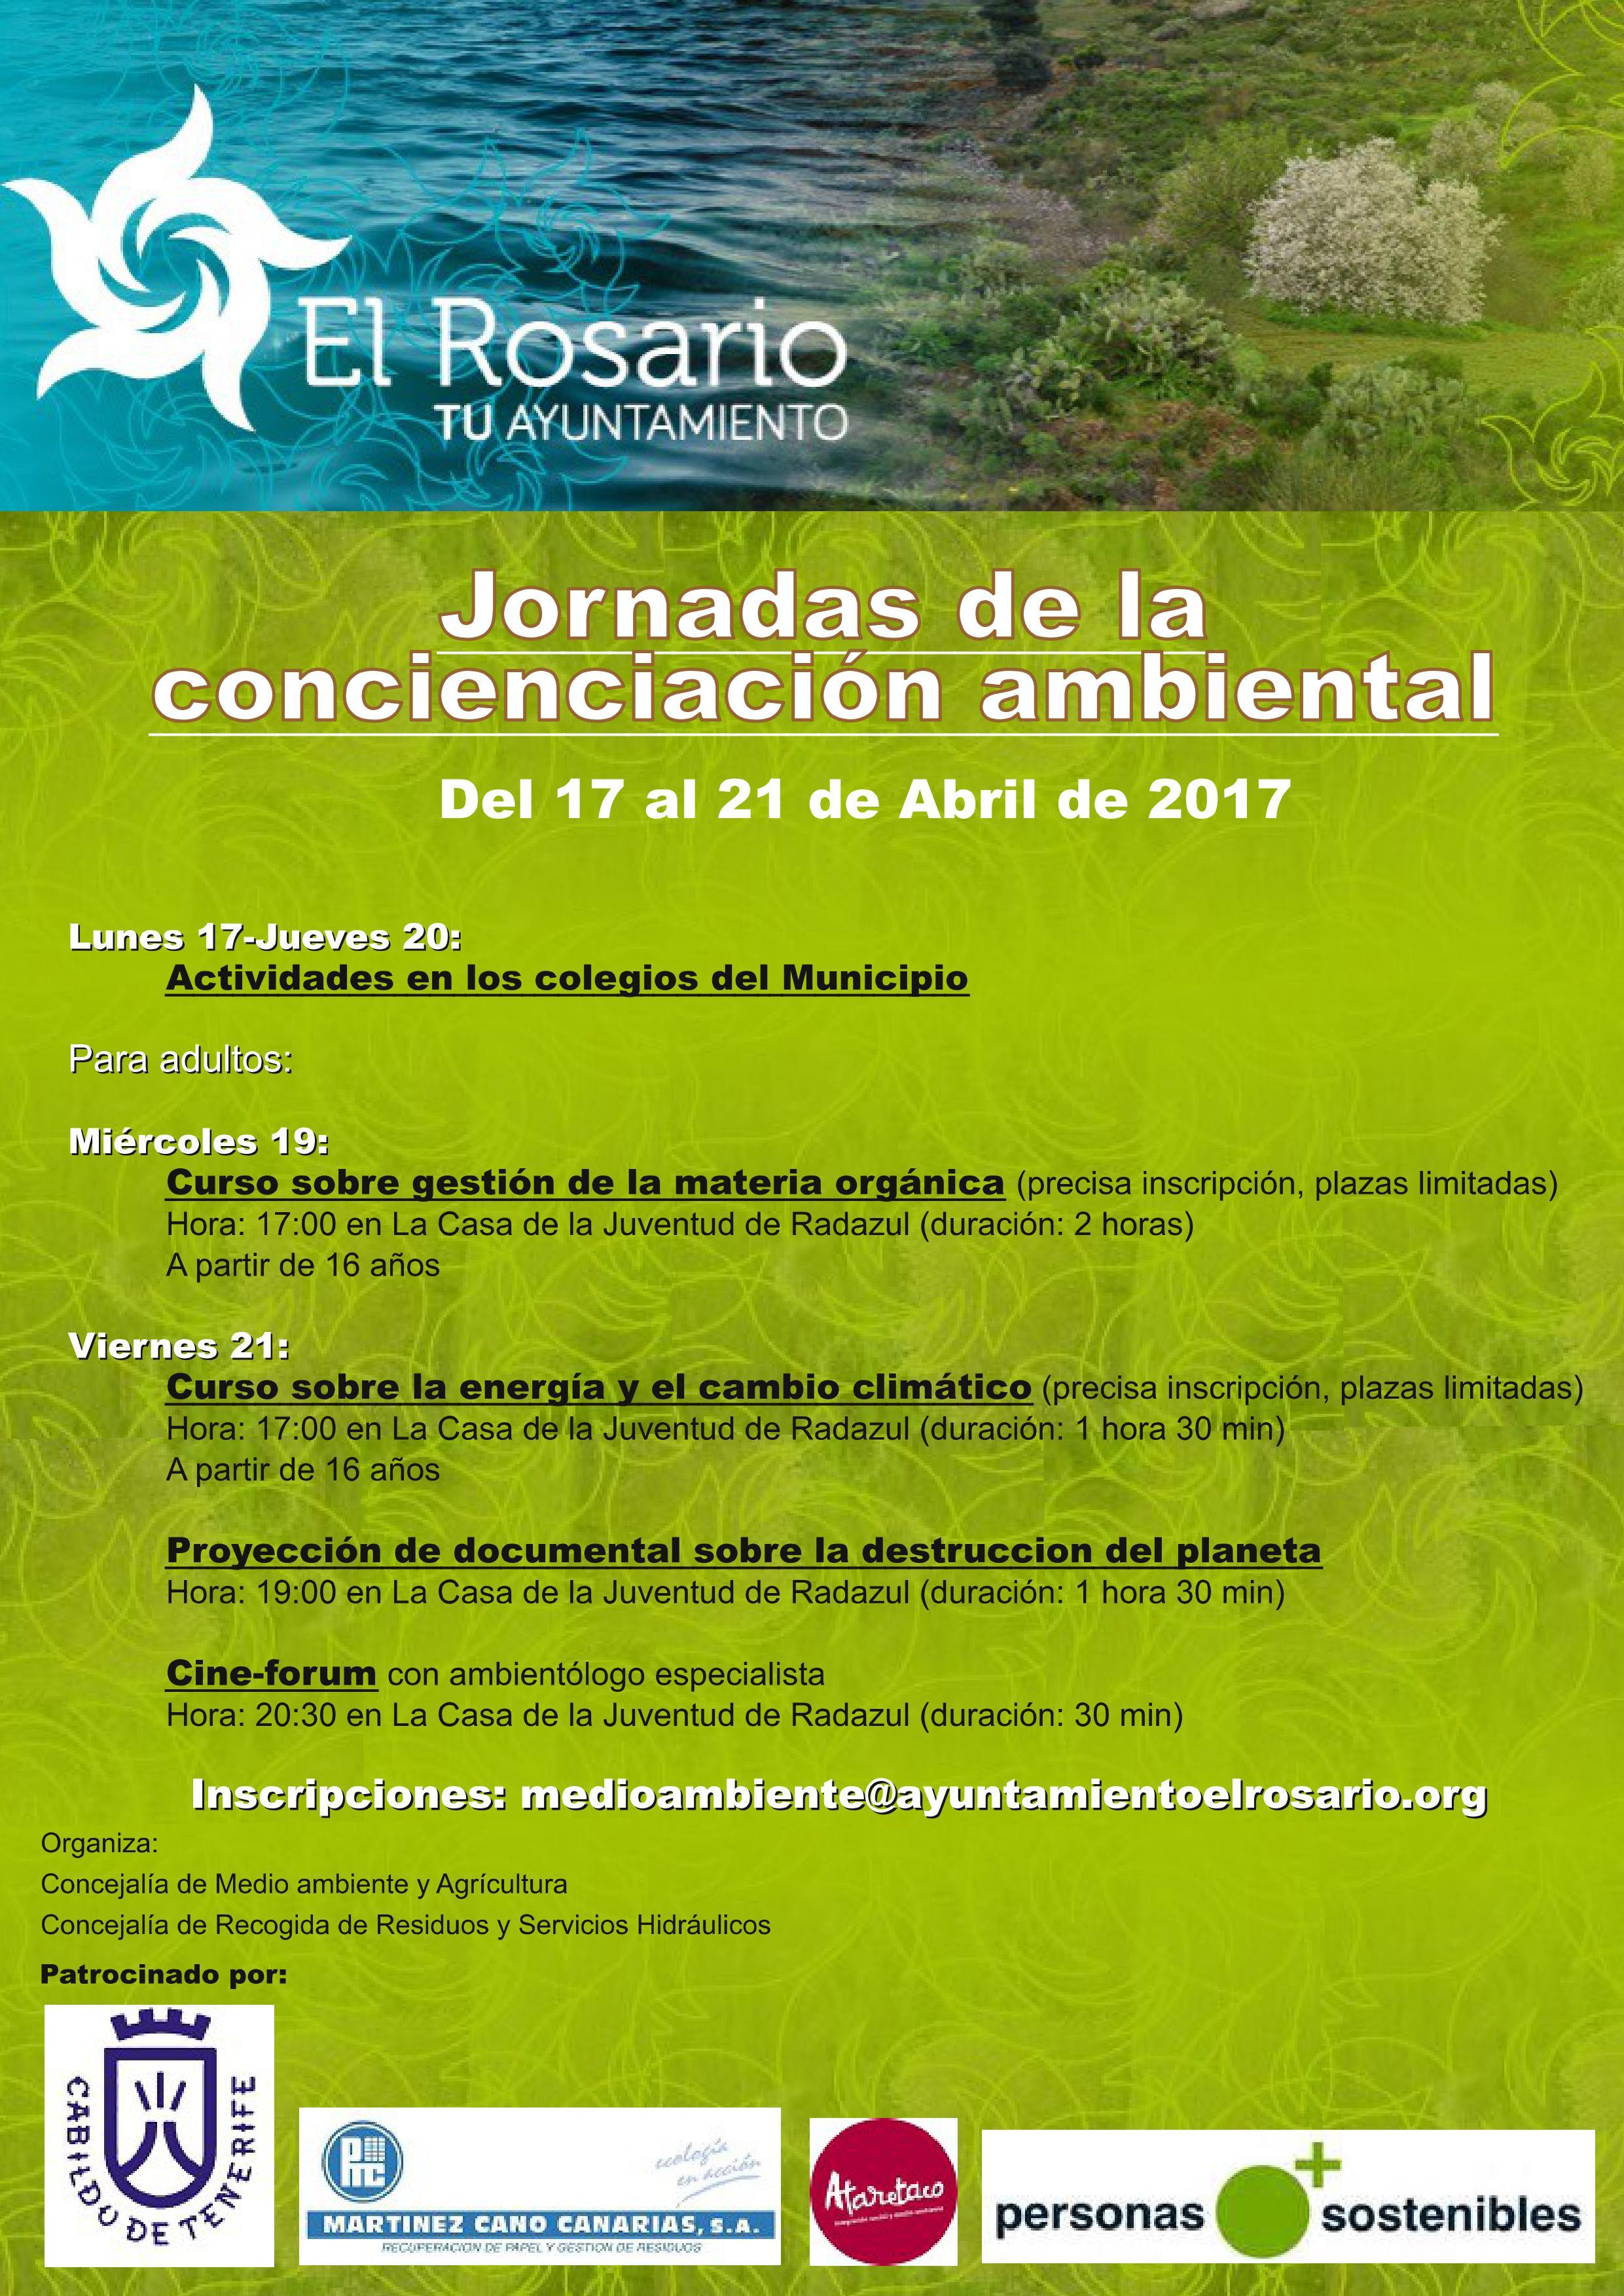 Jornadas de Concienciación Ambiental